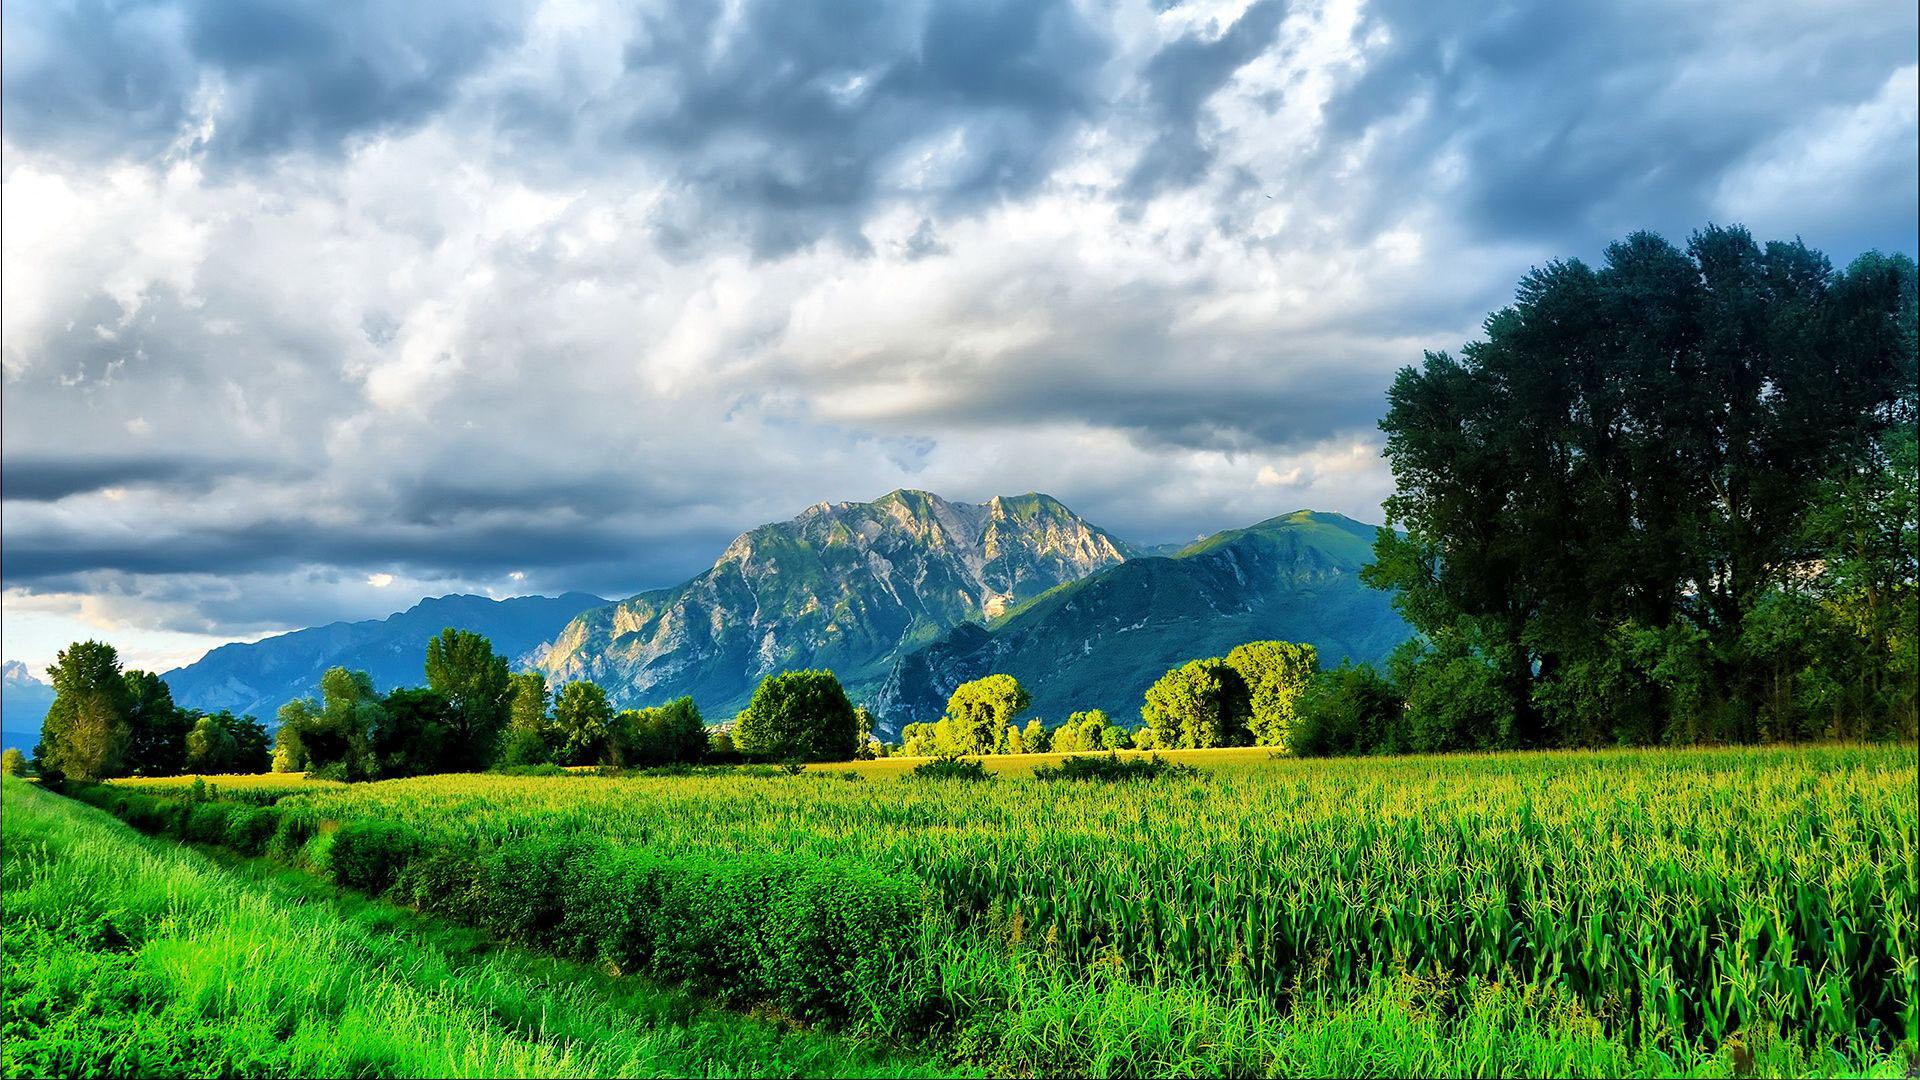 宽屏风景-绿色环保09(1920x1080)壁纸